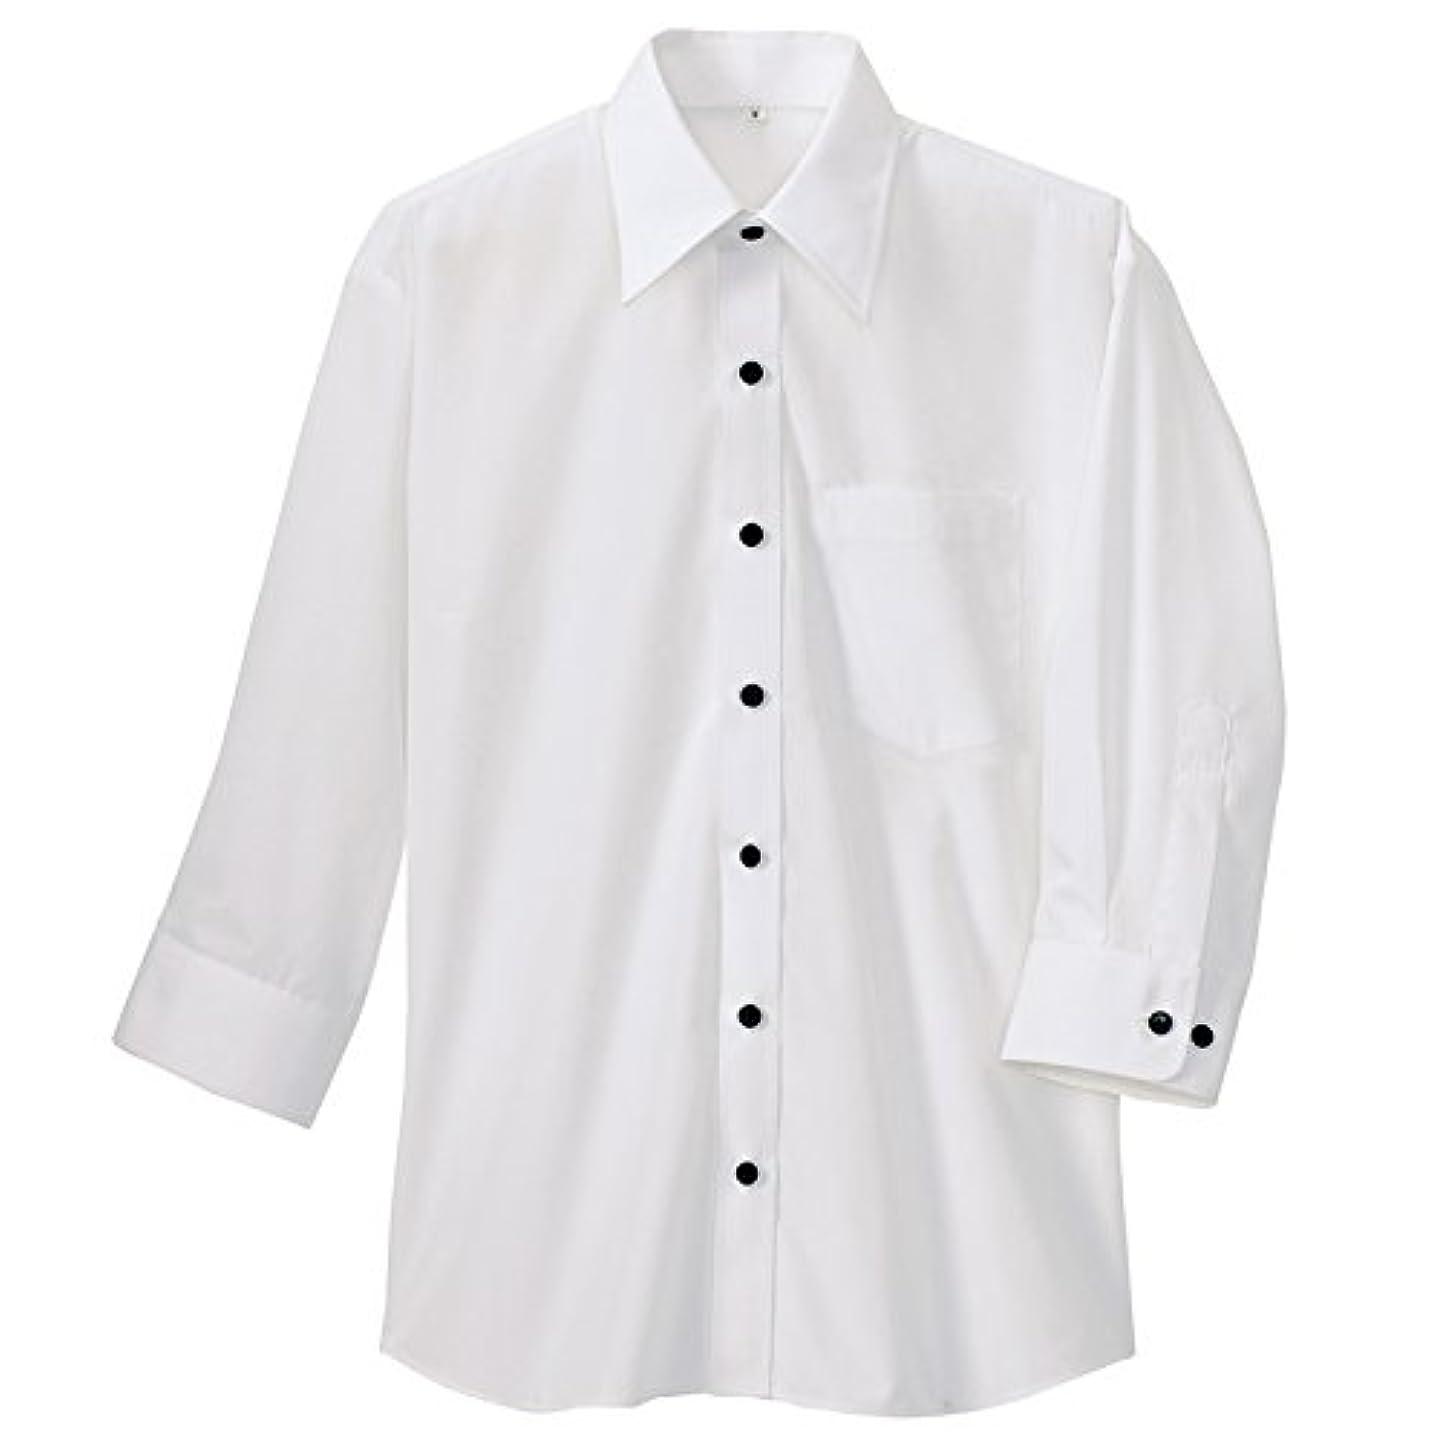 着替える出席嬉しいですアイトス AITOZ 七分袖シャツ(春夏用)(男女兼用) AZ-8022-001ホワイト 5Lサイズ